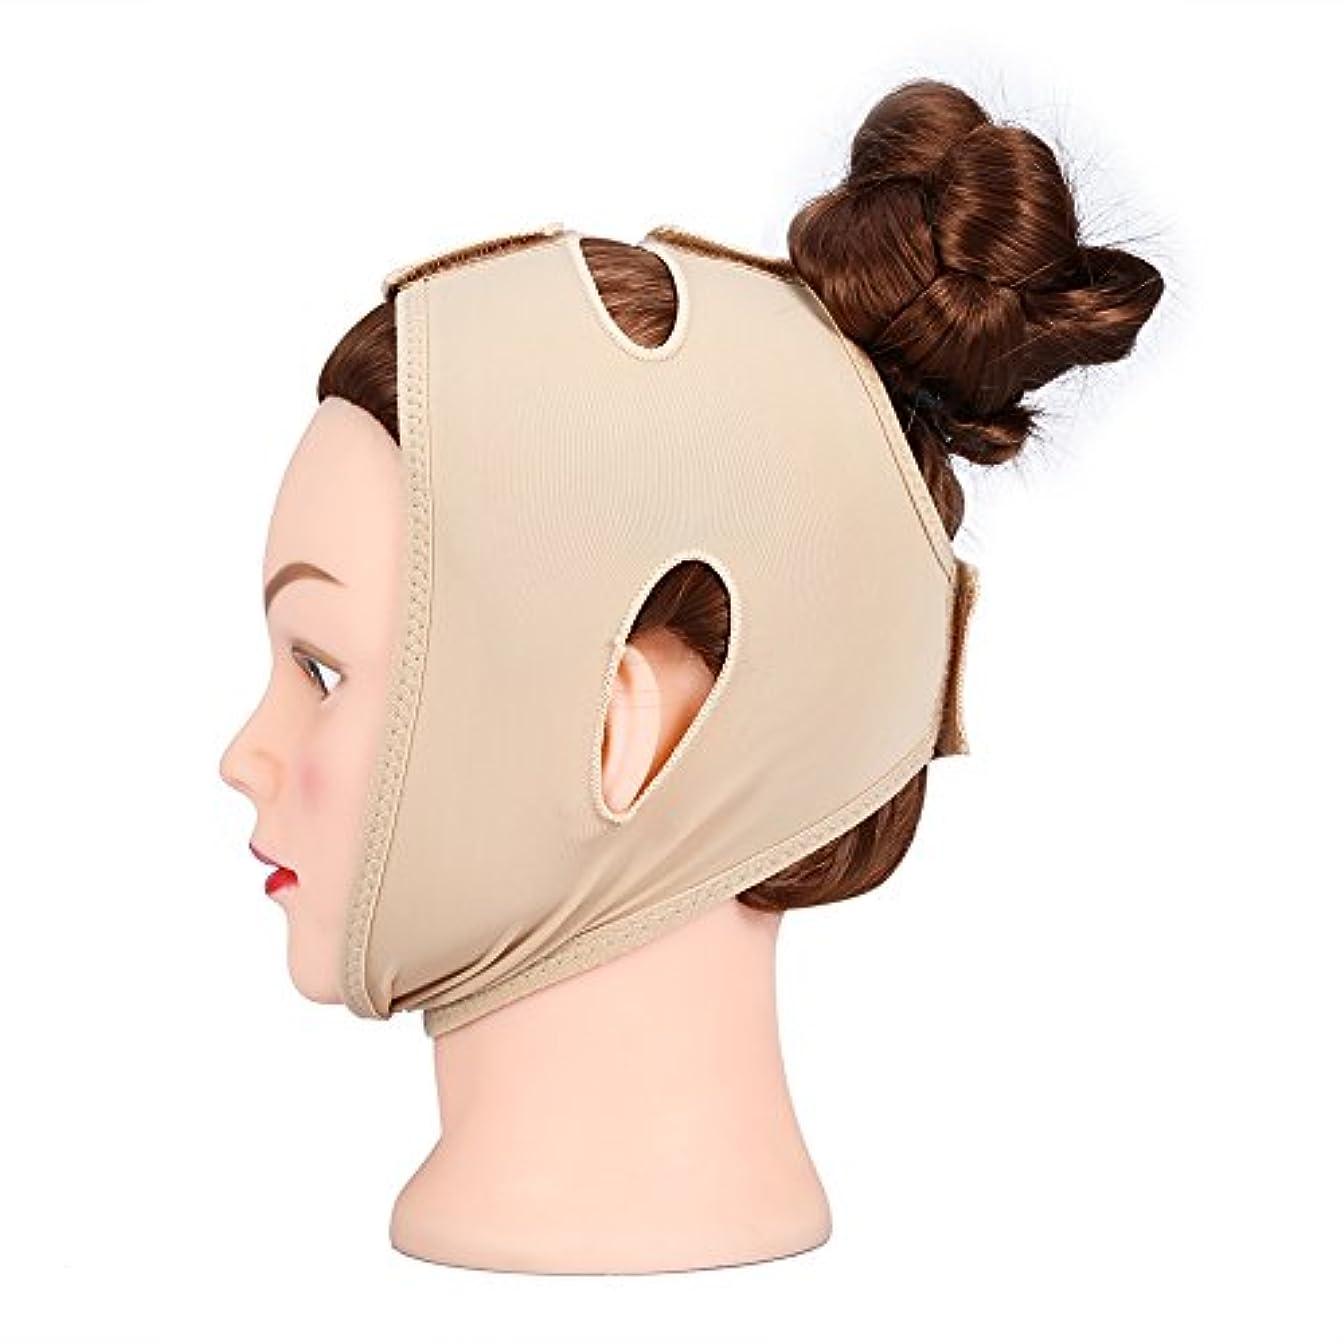 制限帝国主義朝ごはん痩身フェイスバンド、痩身フェイスマスク、フェイスリフトマスク、睡眠首マスク、二重あご包帯を減らす(M)